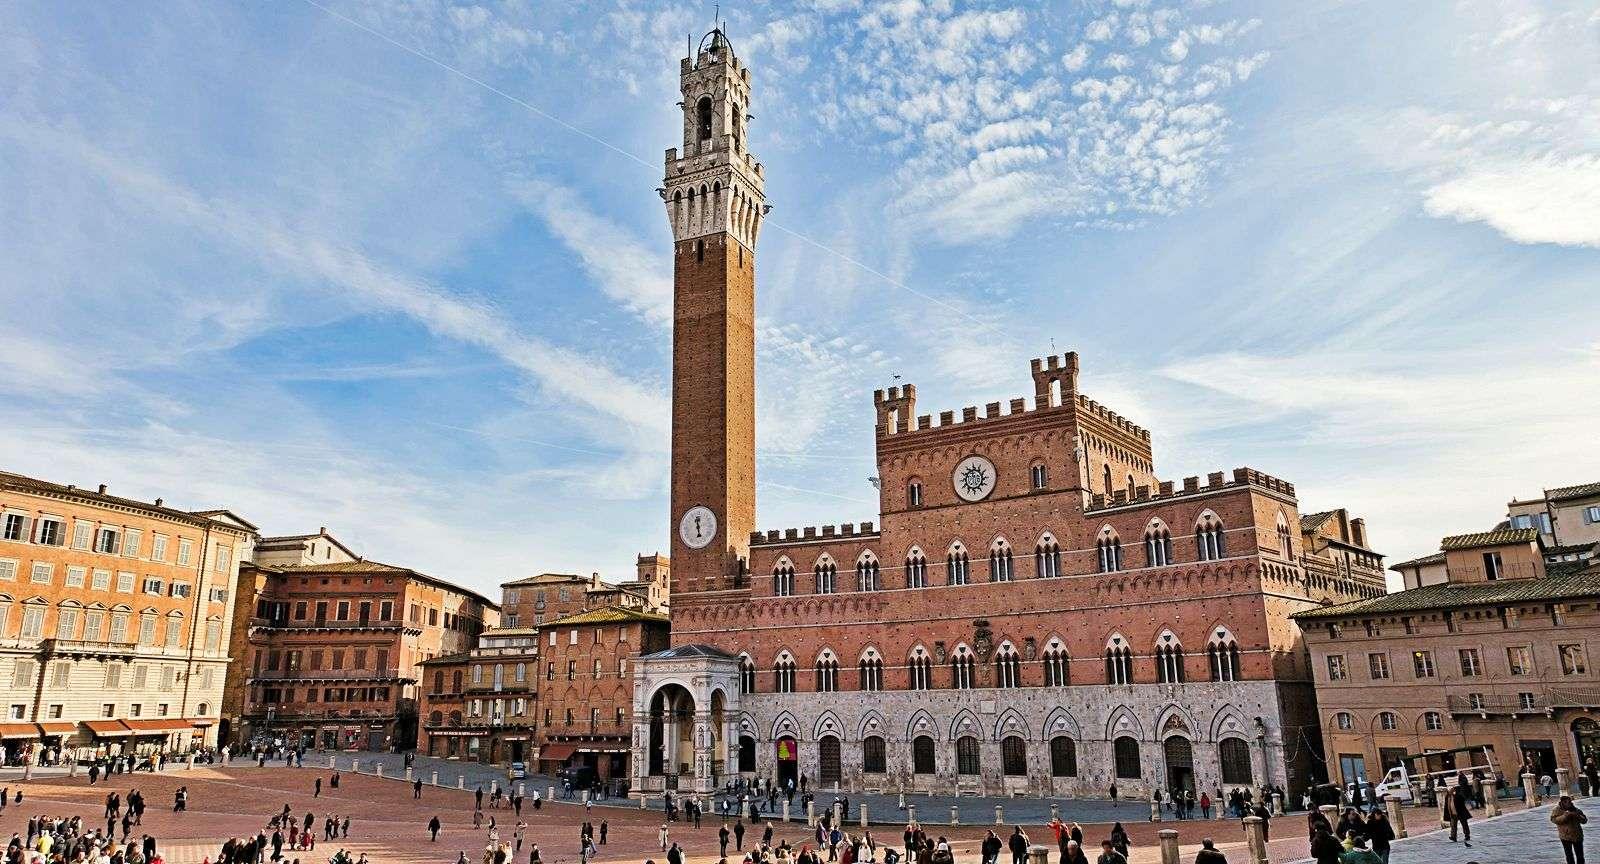 Piazza del Campo di Siena